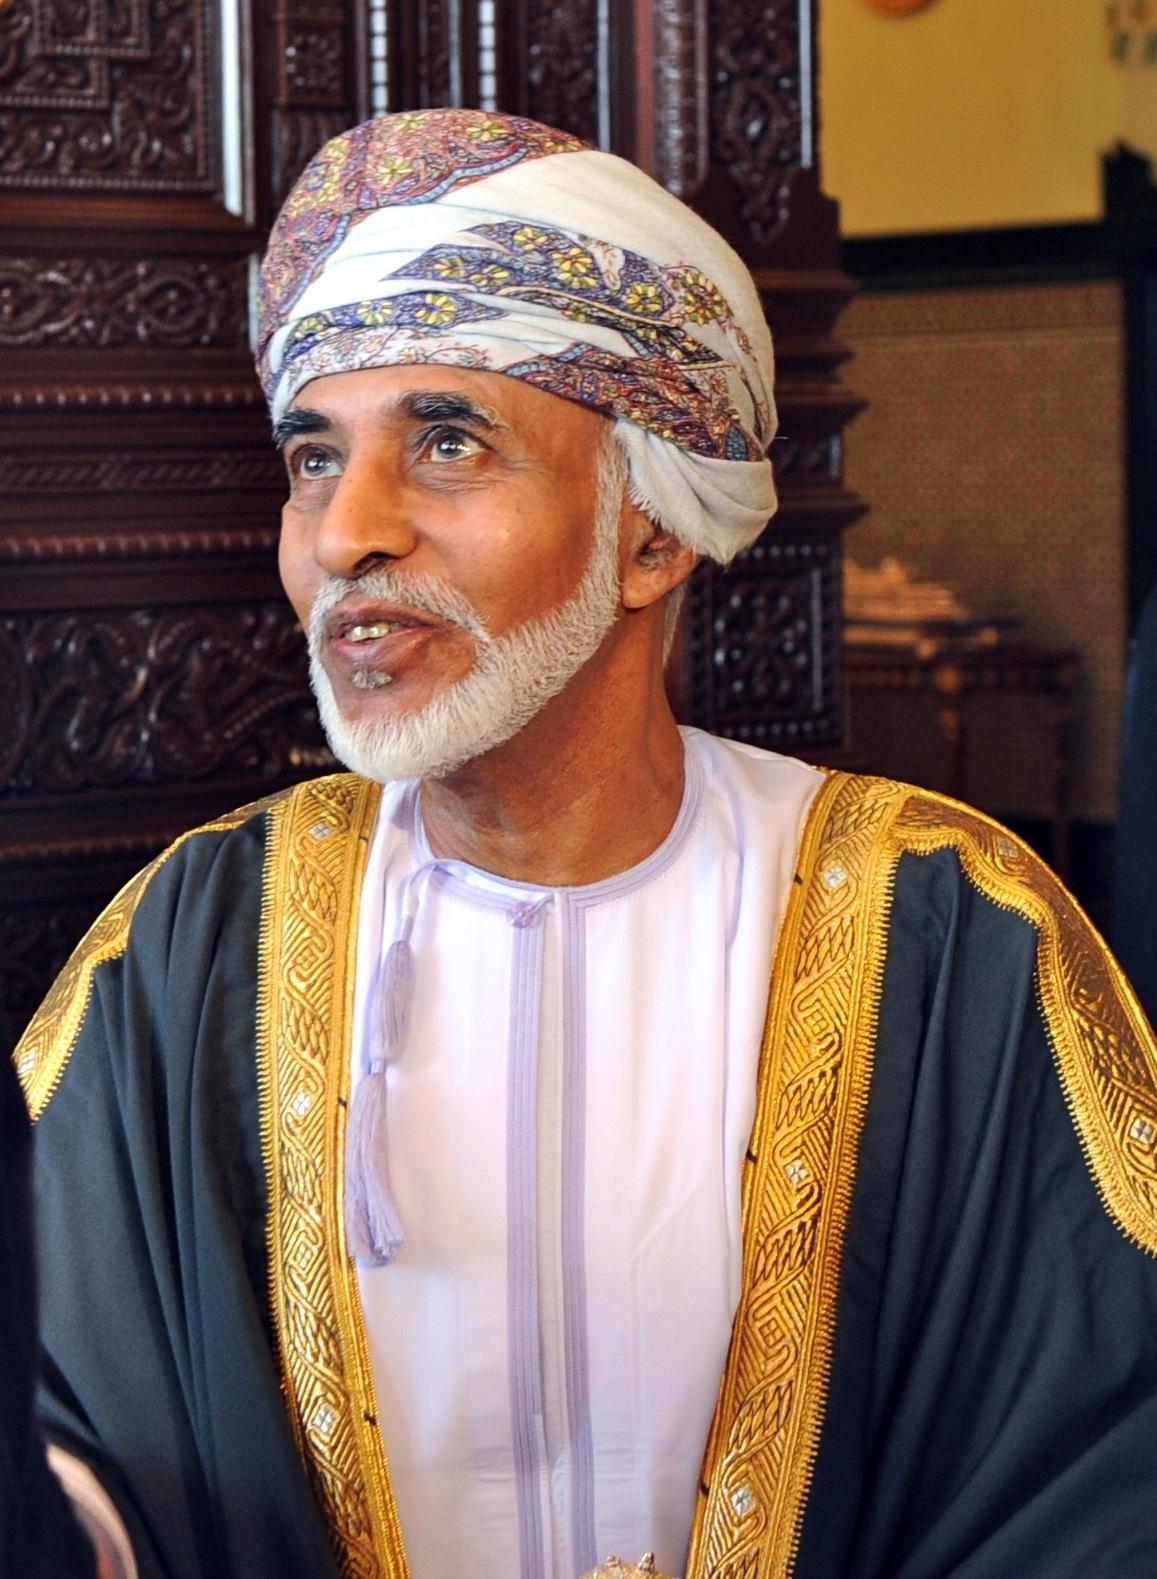 Qabous ben Saïd régnait depuis 1970 sur Oman (c) DR